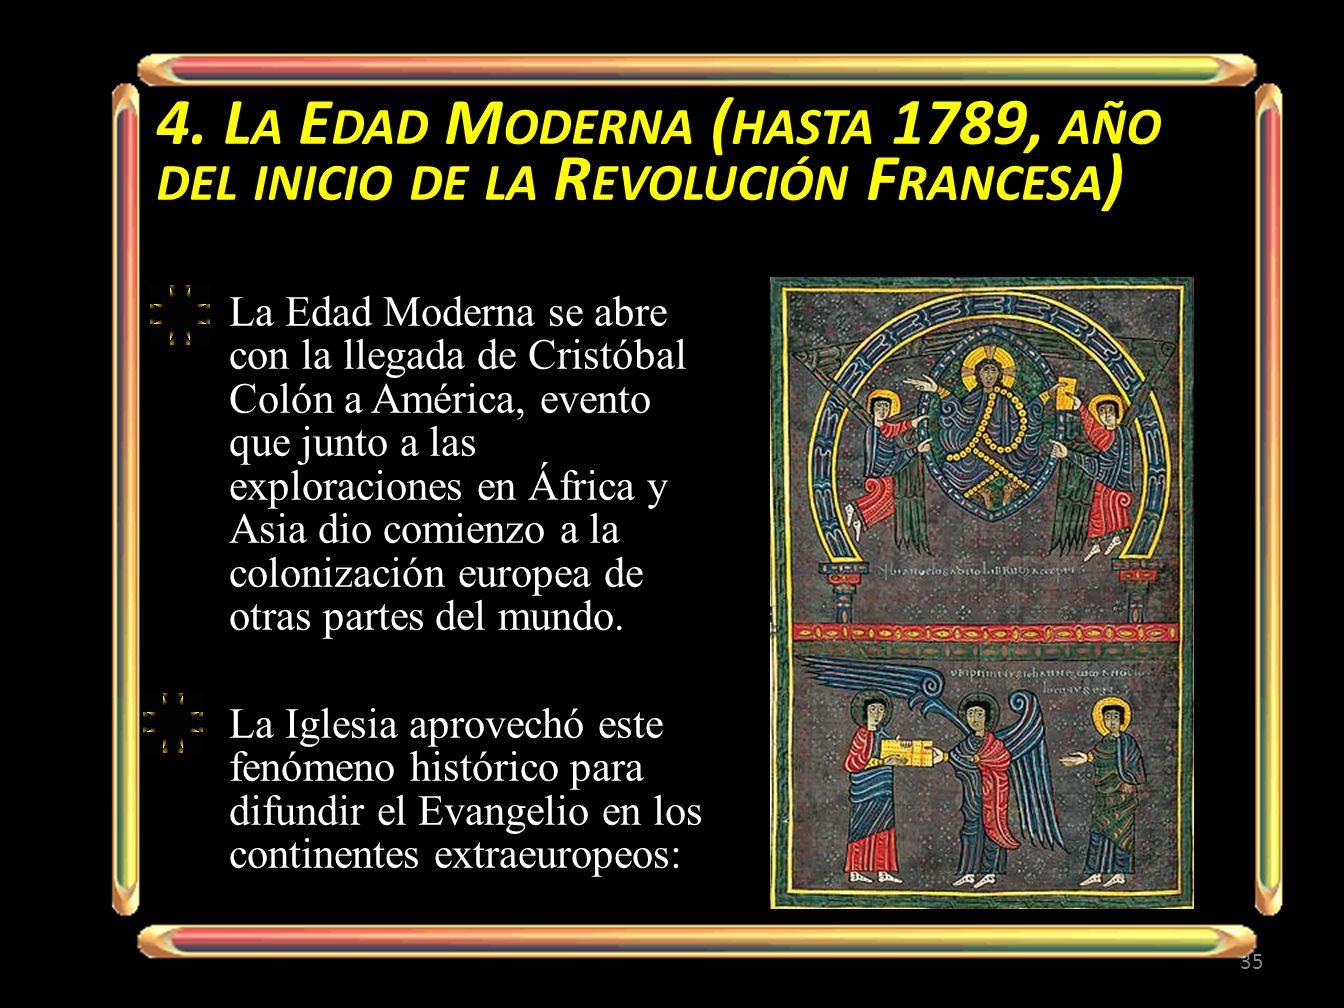 4. La Edad Moderna (hasta 1789, año del inicio de la Revolución Francesa)